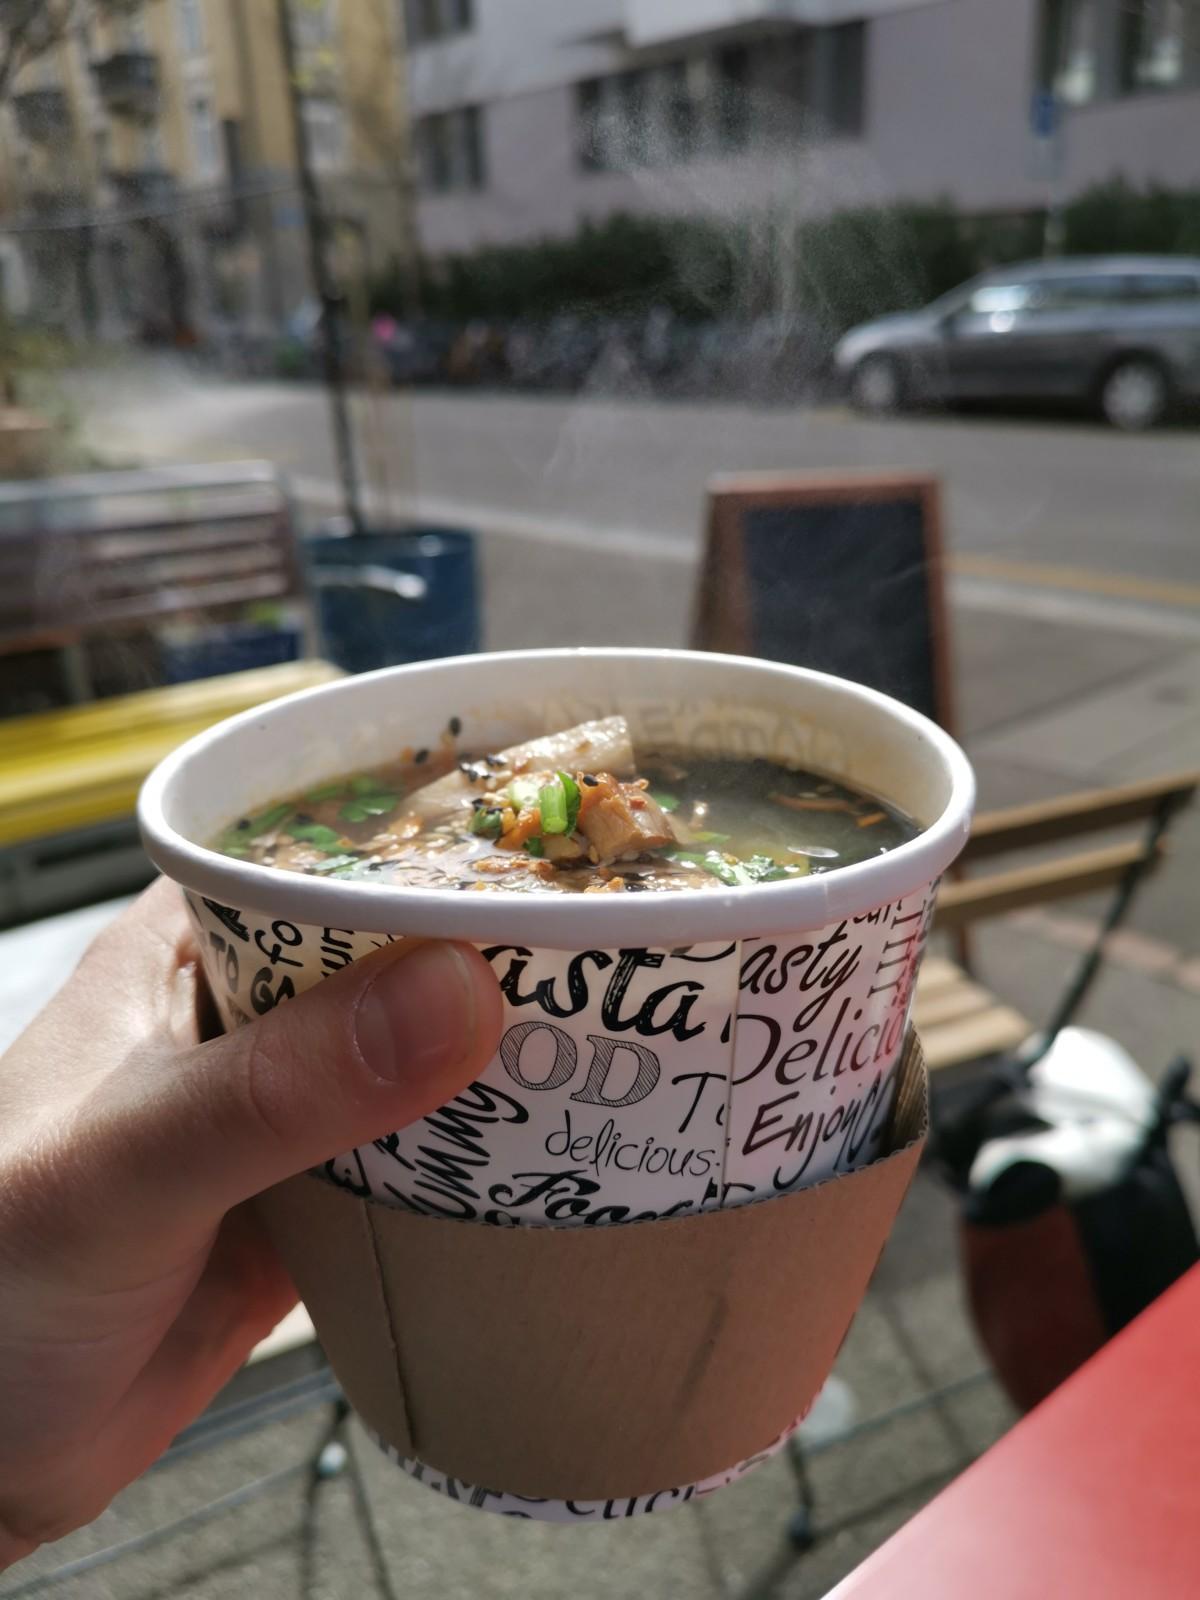 Ein Suppenbecher voller Geschmack. Foto: Lunchgate/Max